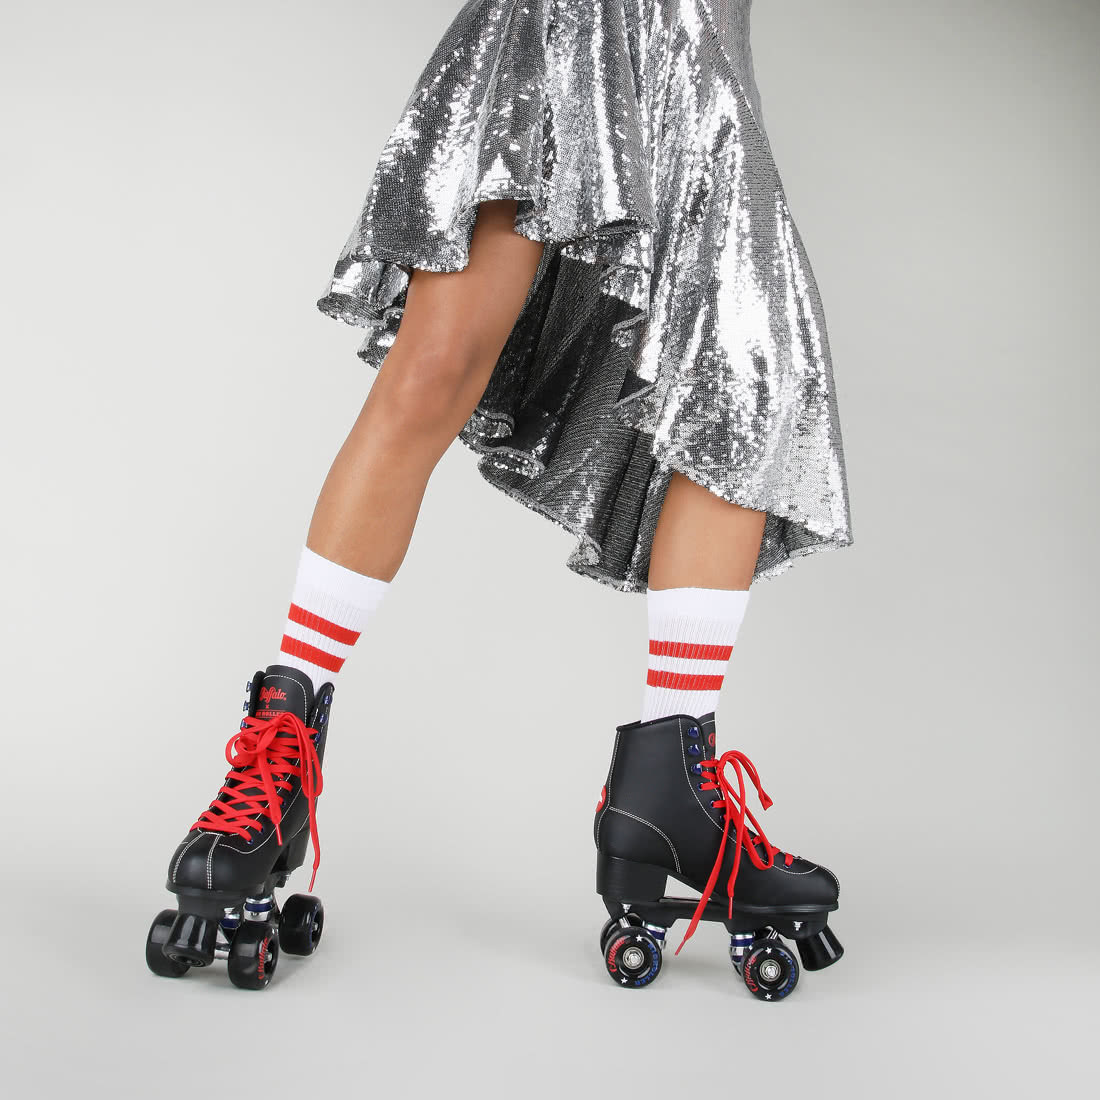 rio roller skates black red buy online in buffalo online. Black Bedroom Furniture Sets. Home Design Ideas